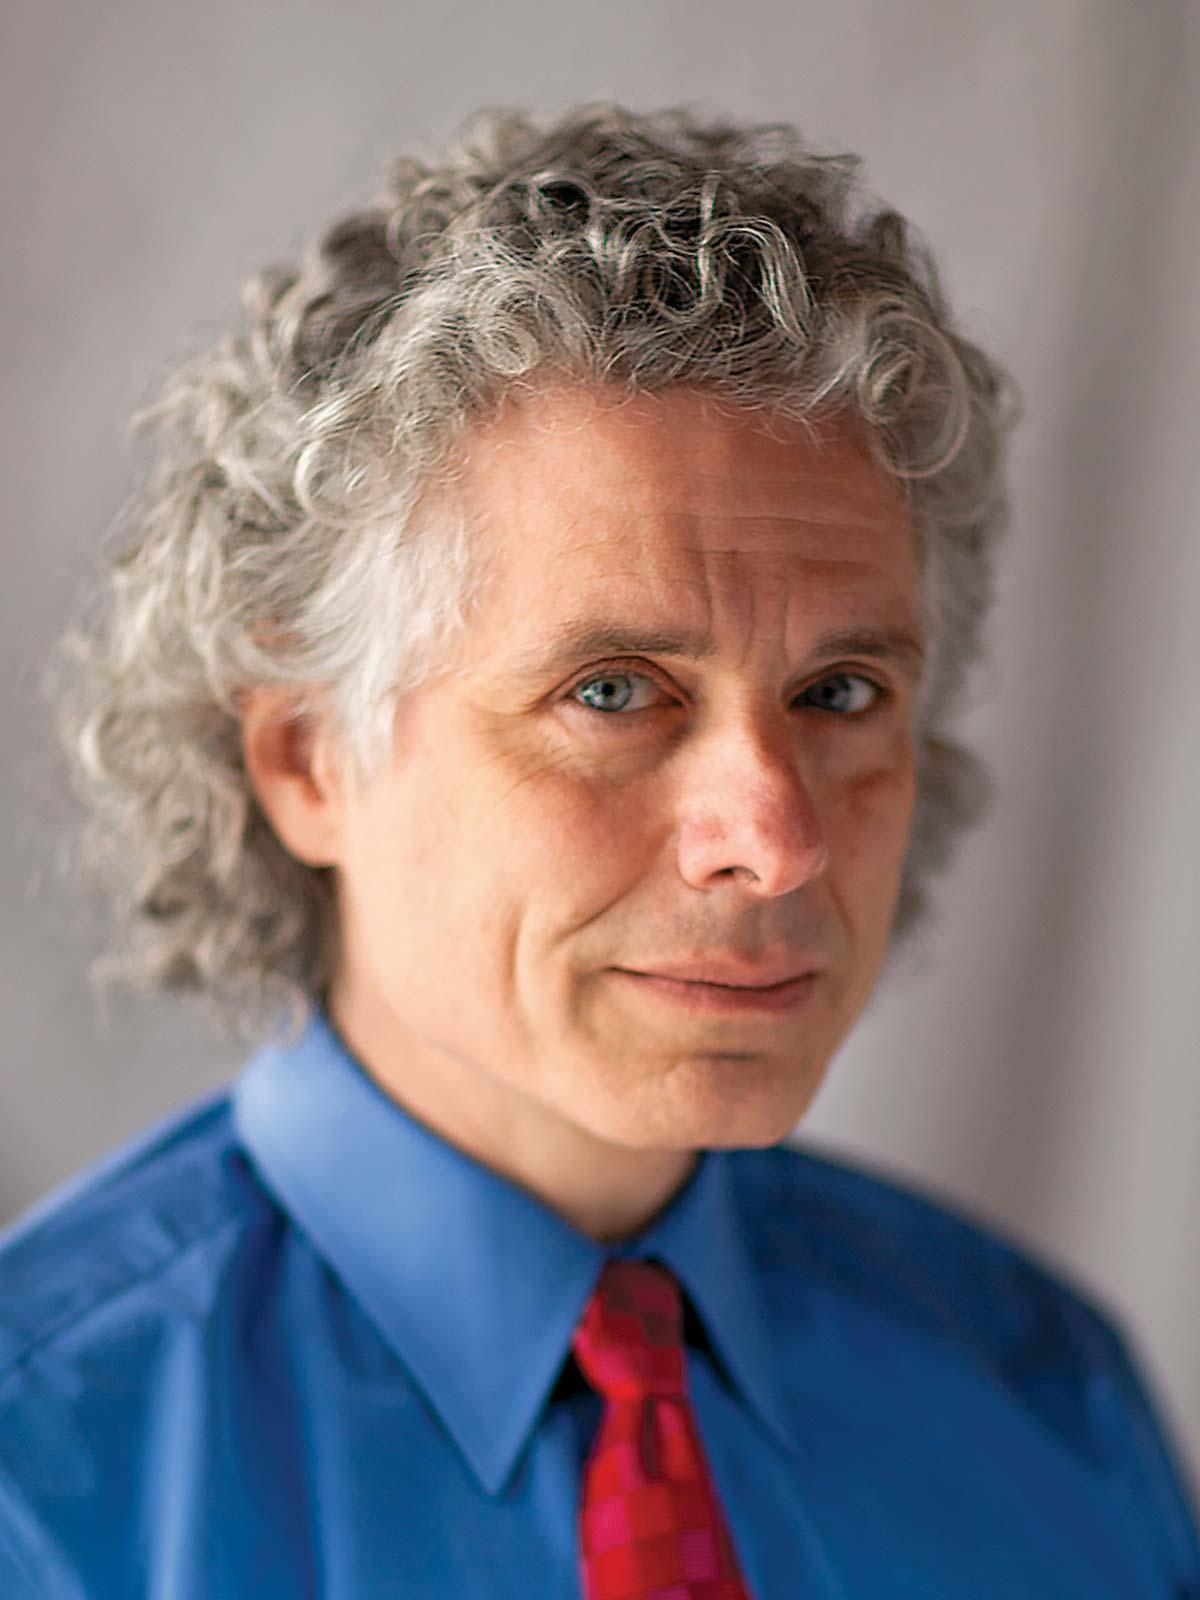 Steven-Pinker